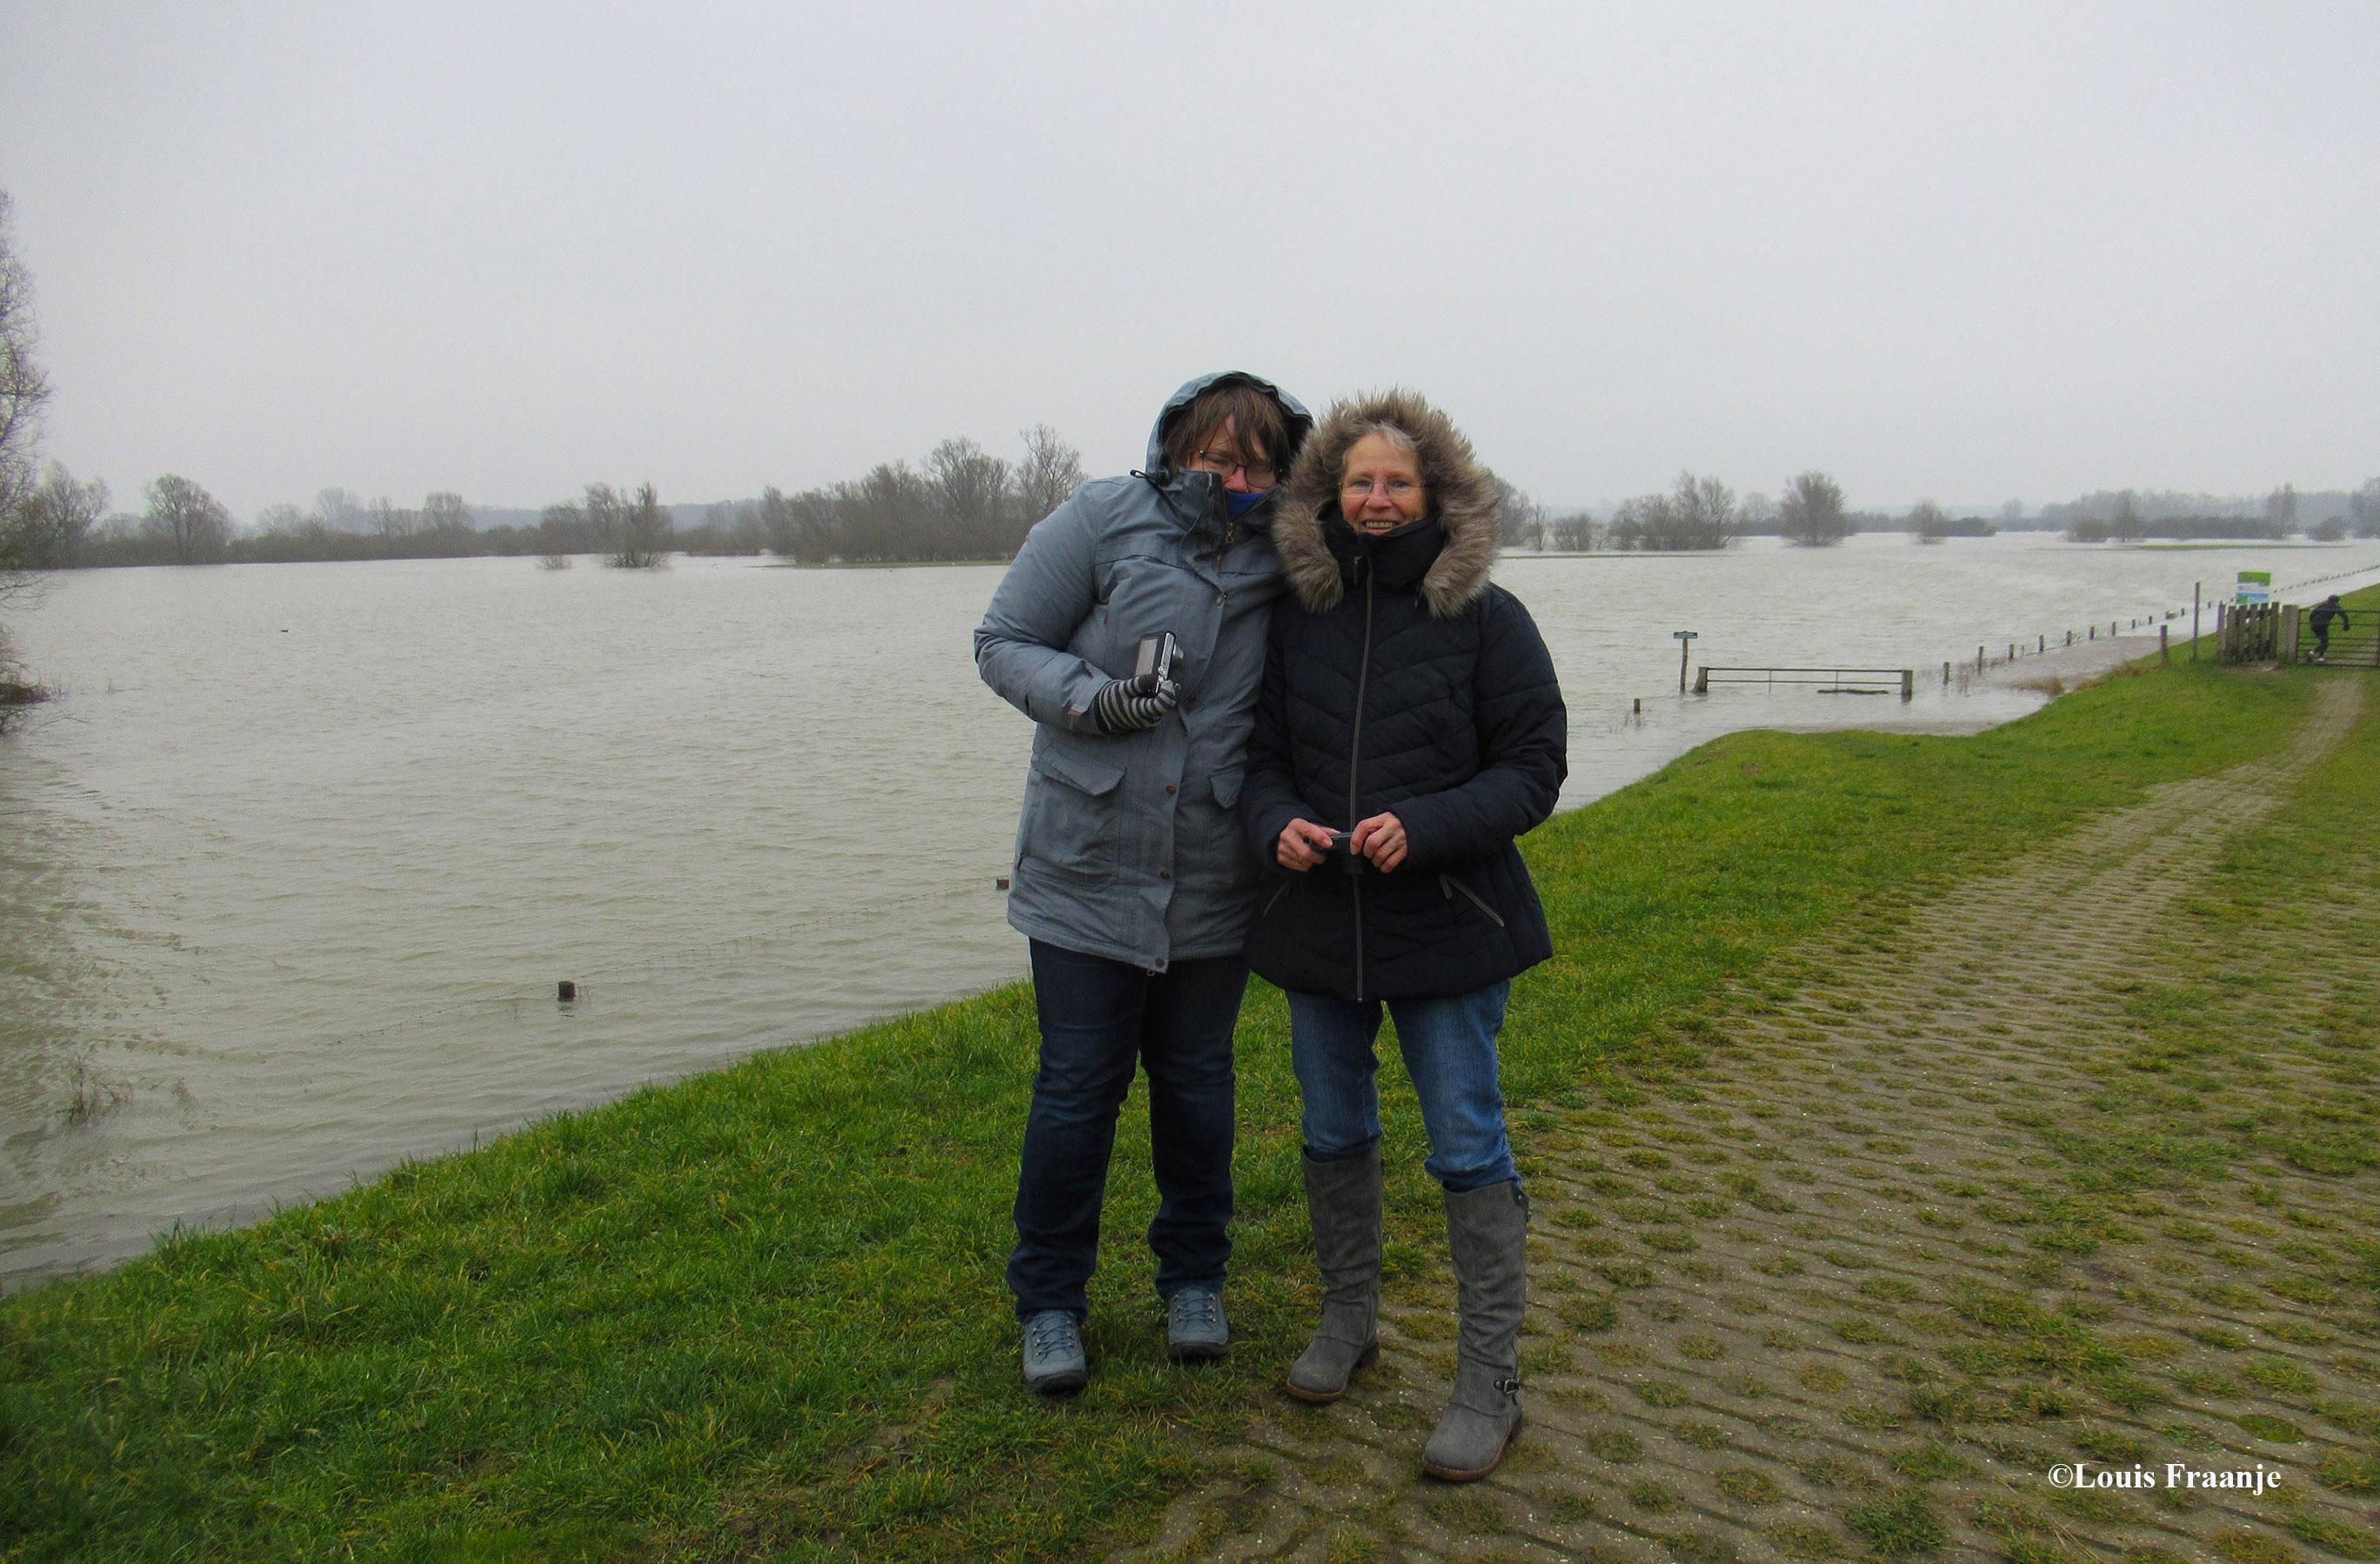 Oef wat was het koud met die straffe wind op de dijk, Thea en Fransien laten dat even zien - Foto: ©Louis Fraanje